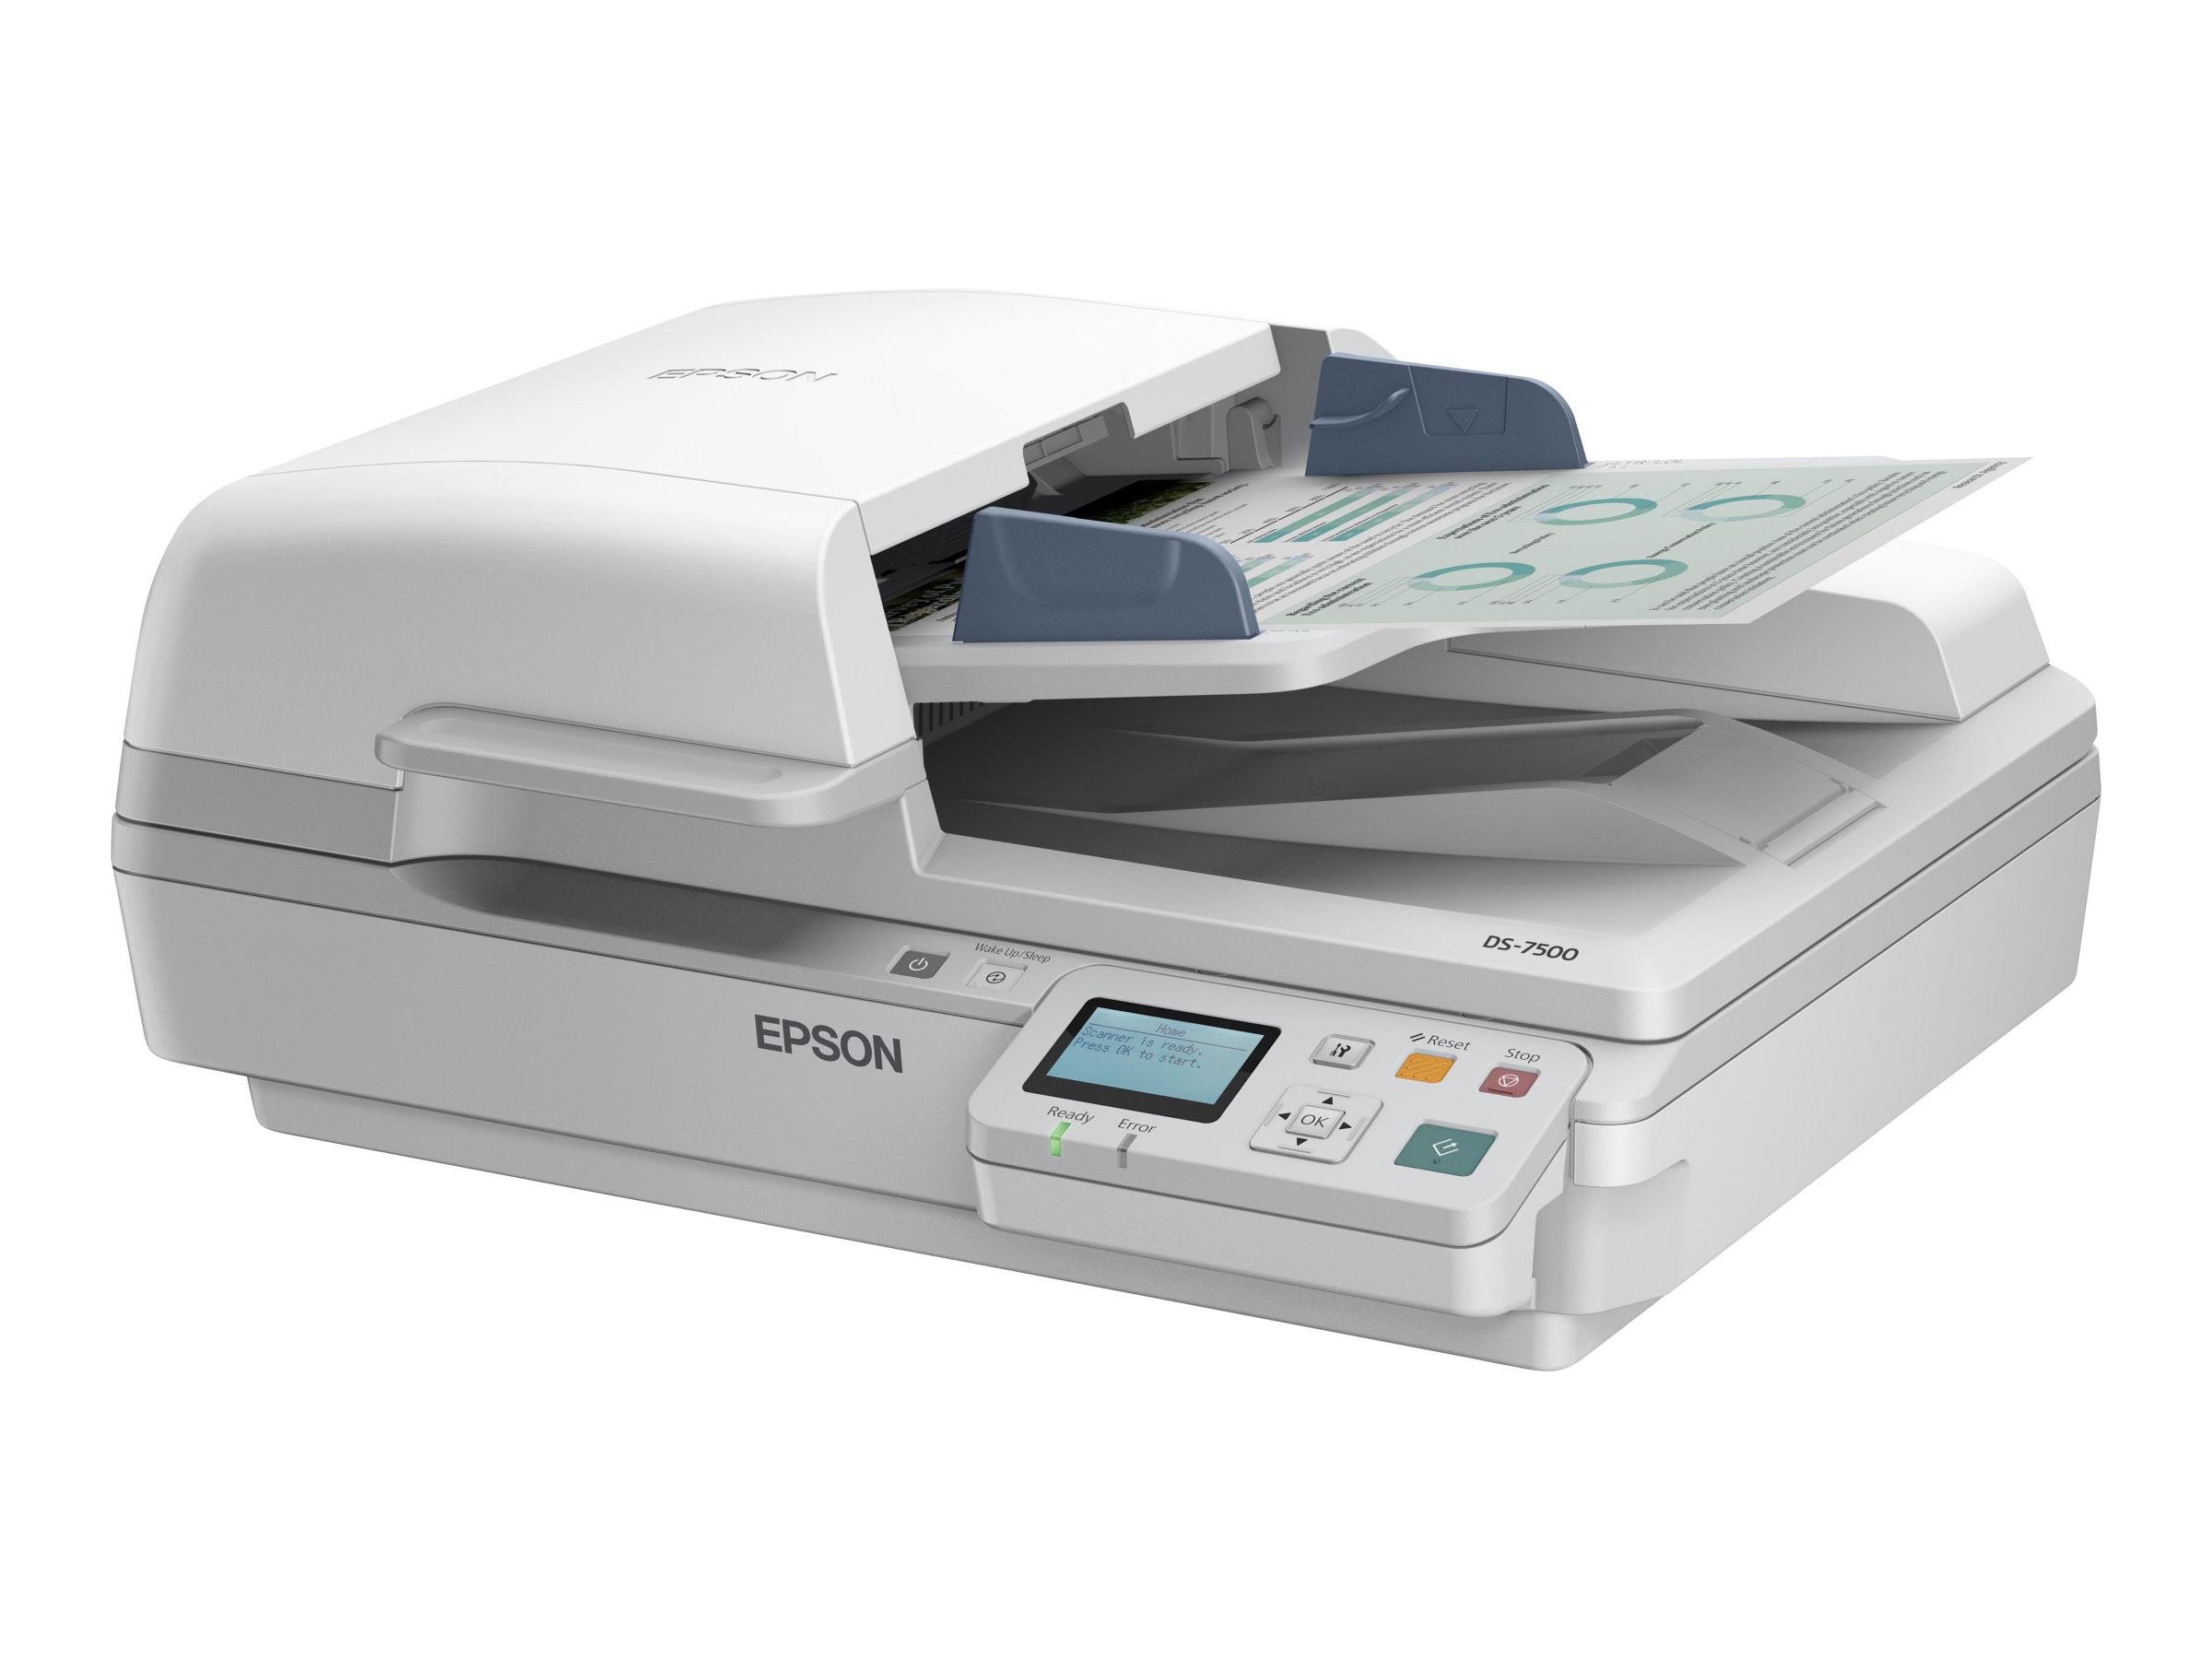 Epson WorkForce DS-6500N - Dokumentenscanner - Duplex - A4 - 1200 dpi x 1200 dpi - bis zu 25 Seiten/Min. (einfarbig)